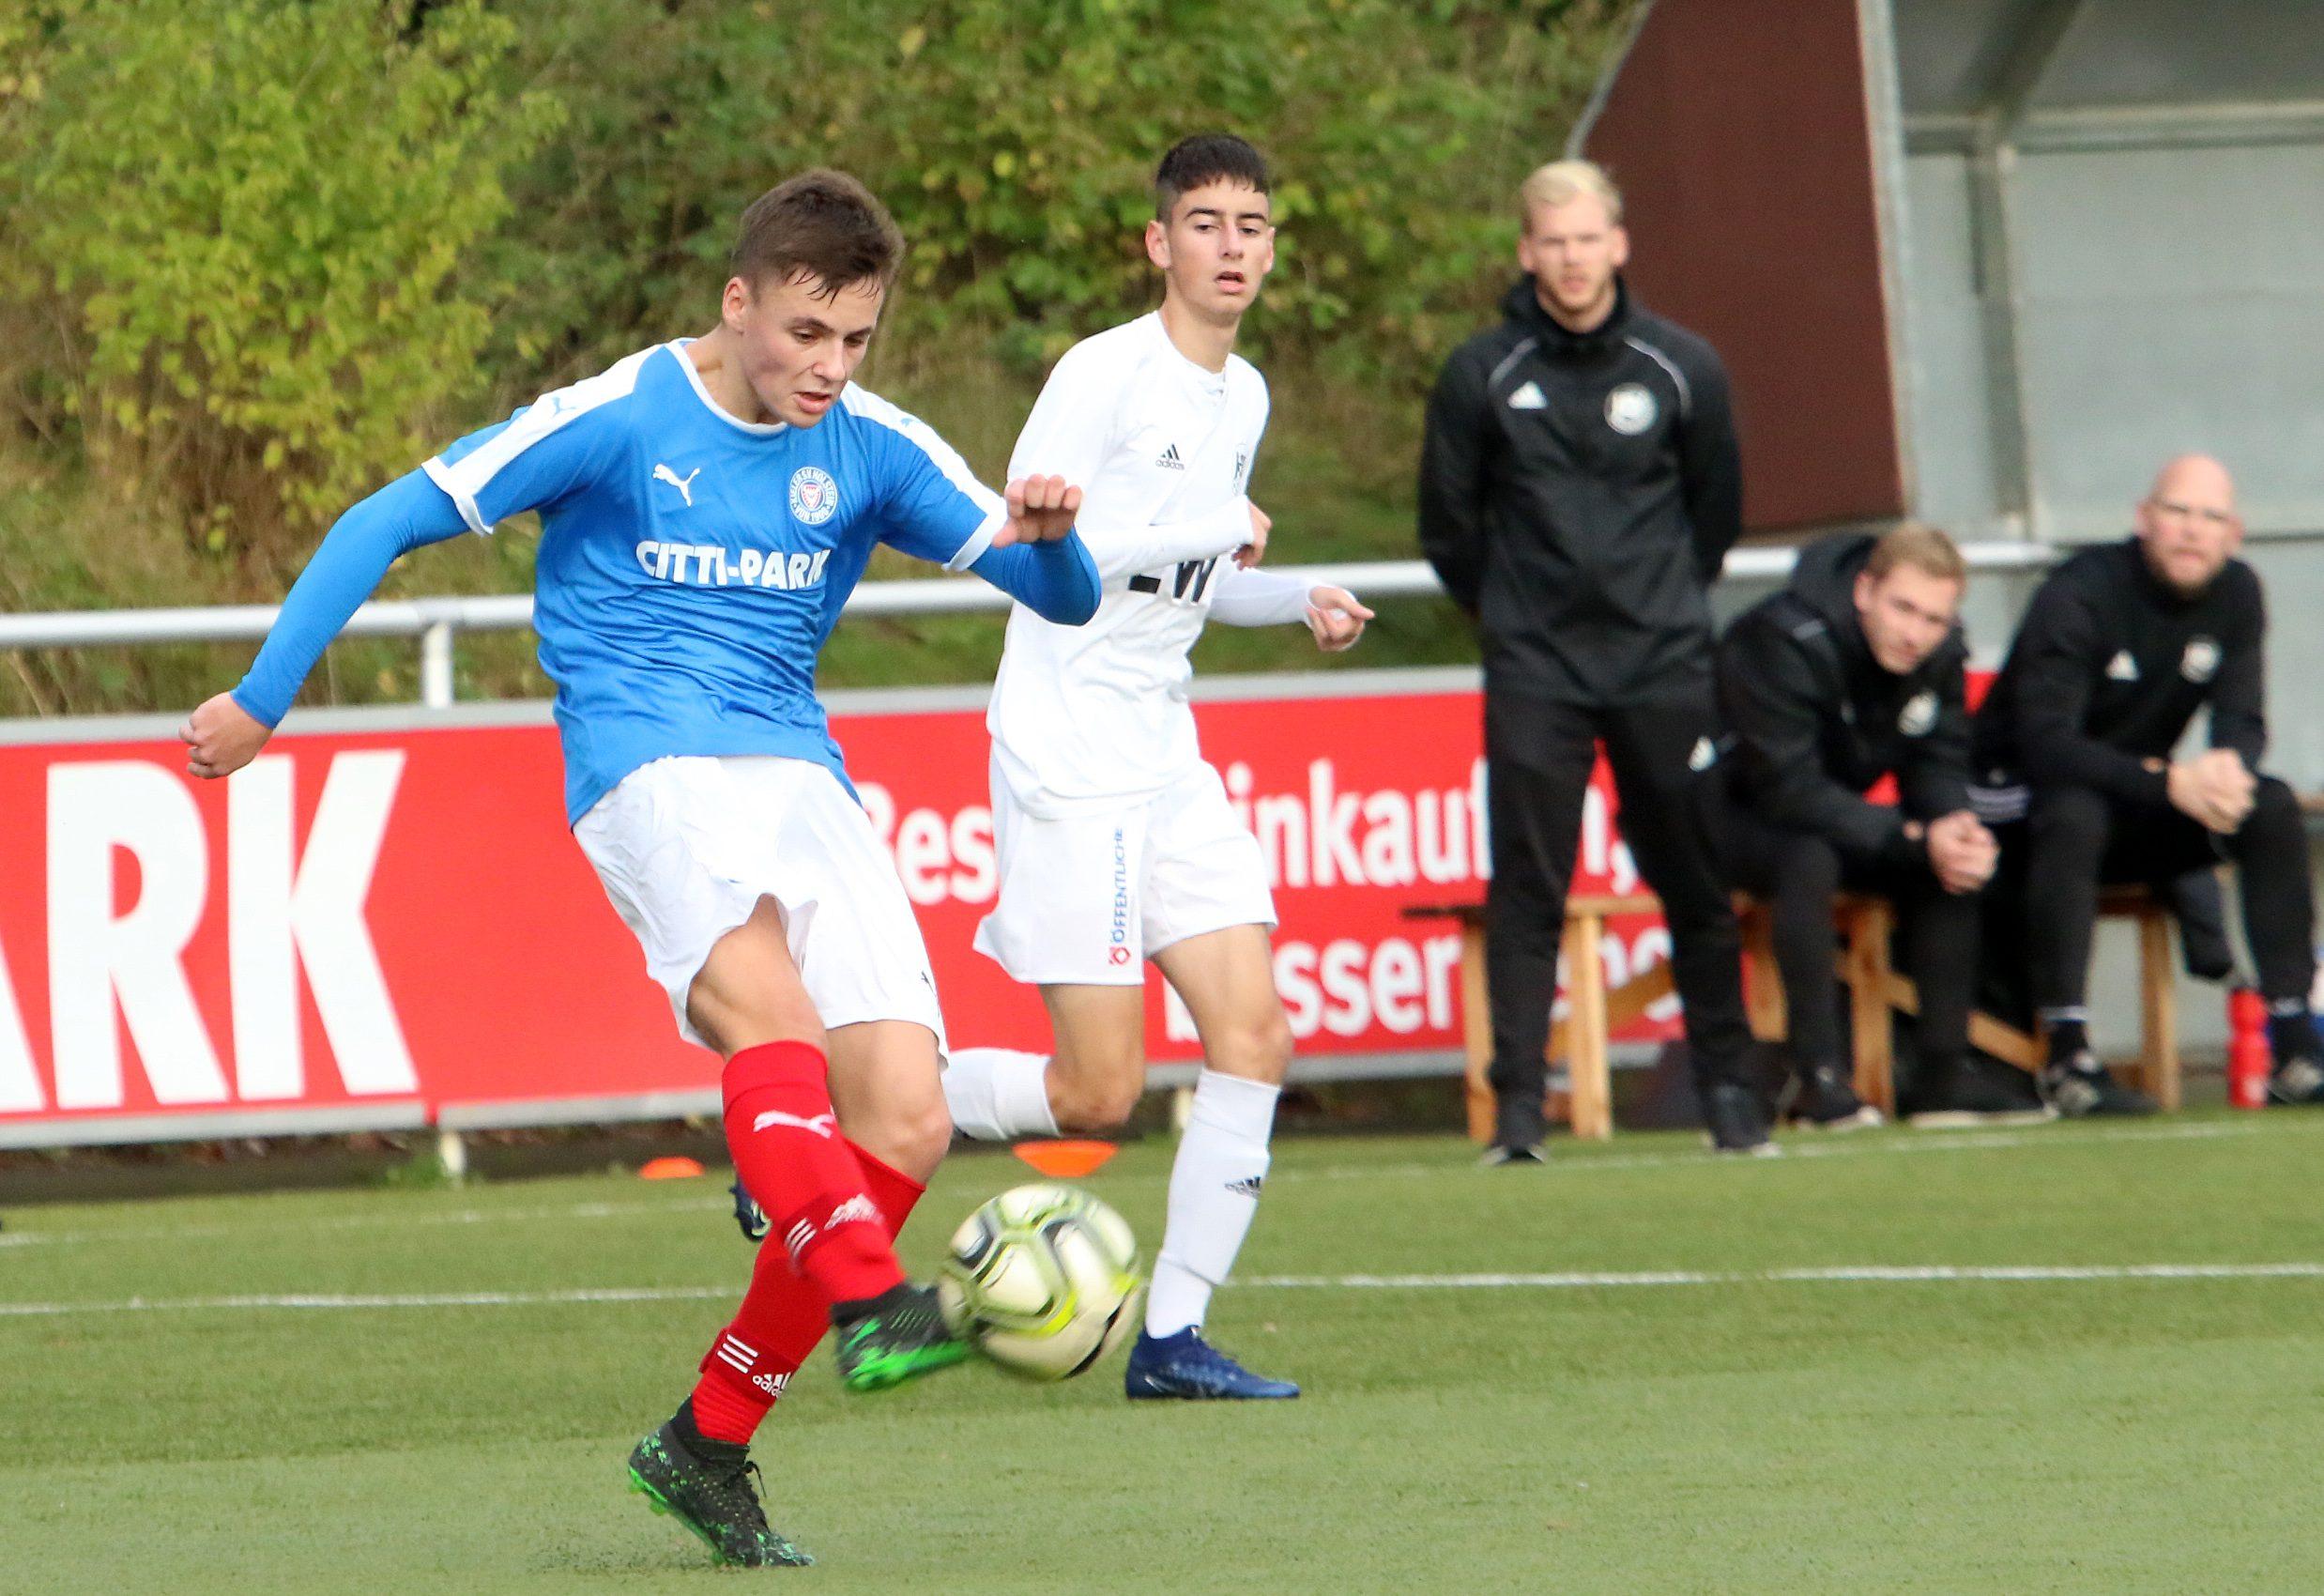 20191102 Holsteins Terje Braunschweig zieht wuchtig ab gegen JFV Nordwest